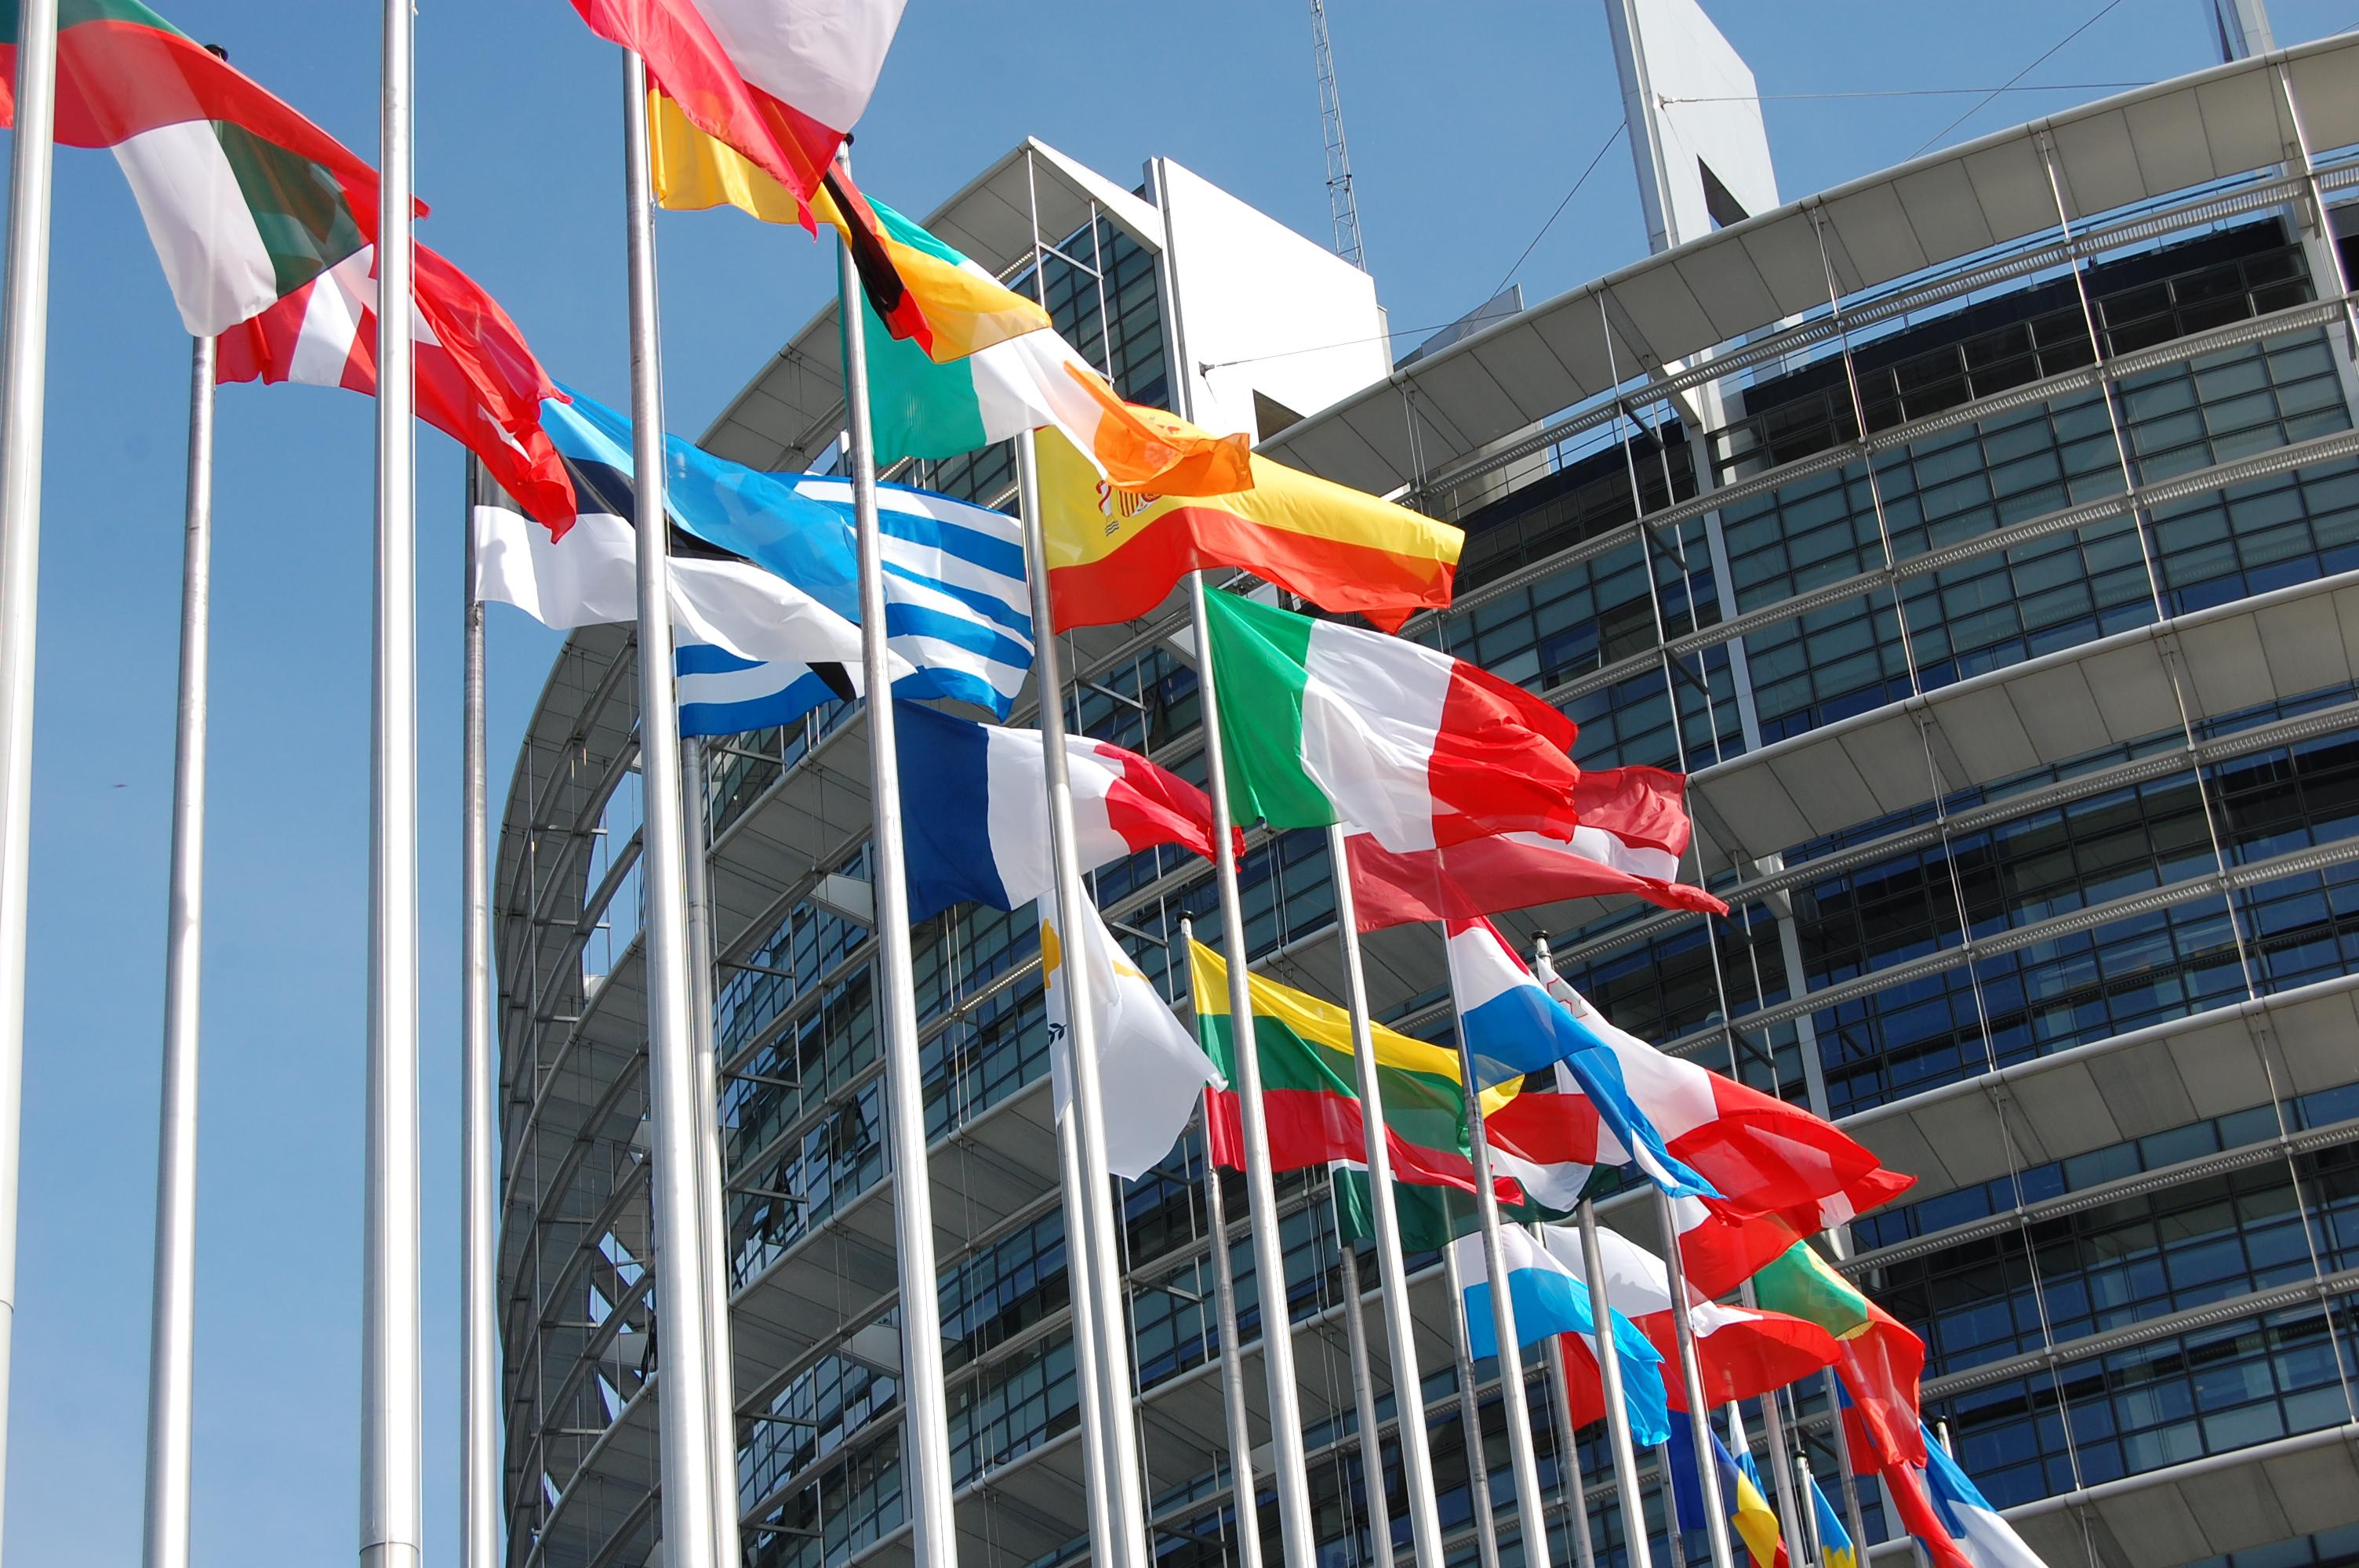 O wyborach do PE z perspektywy wolnorynkowej